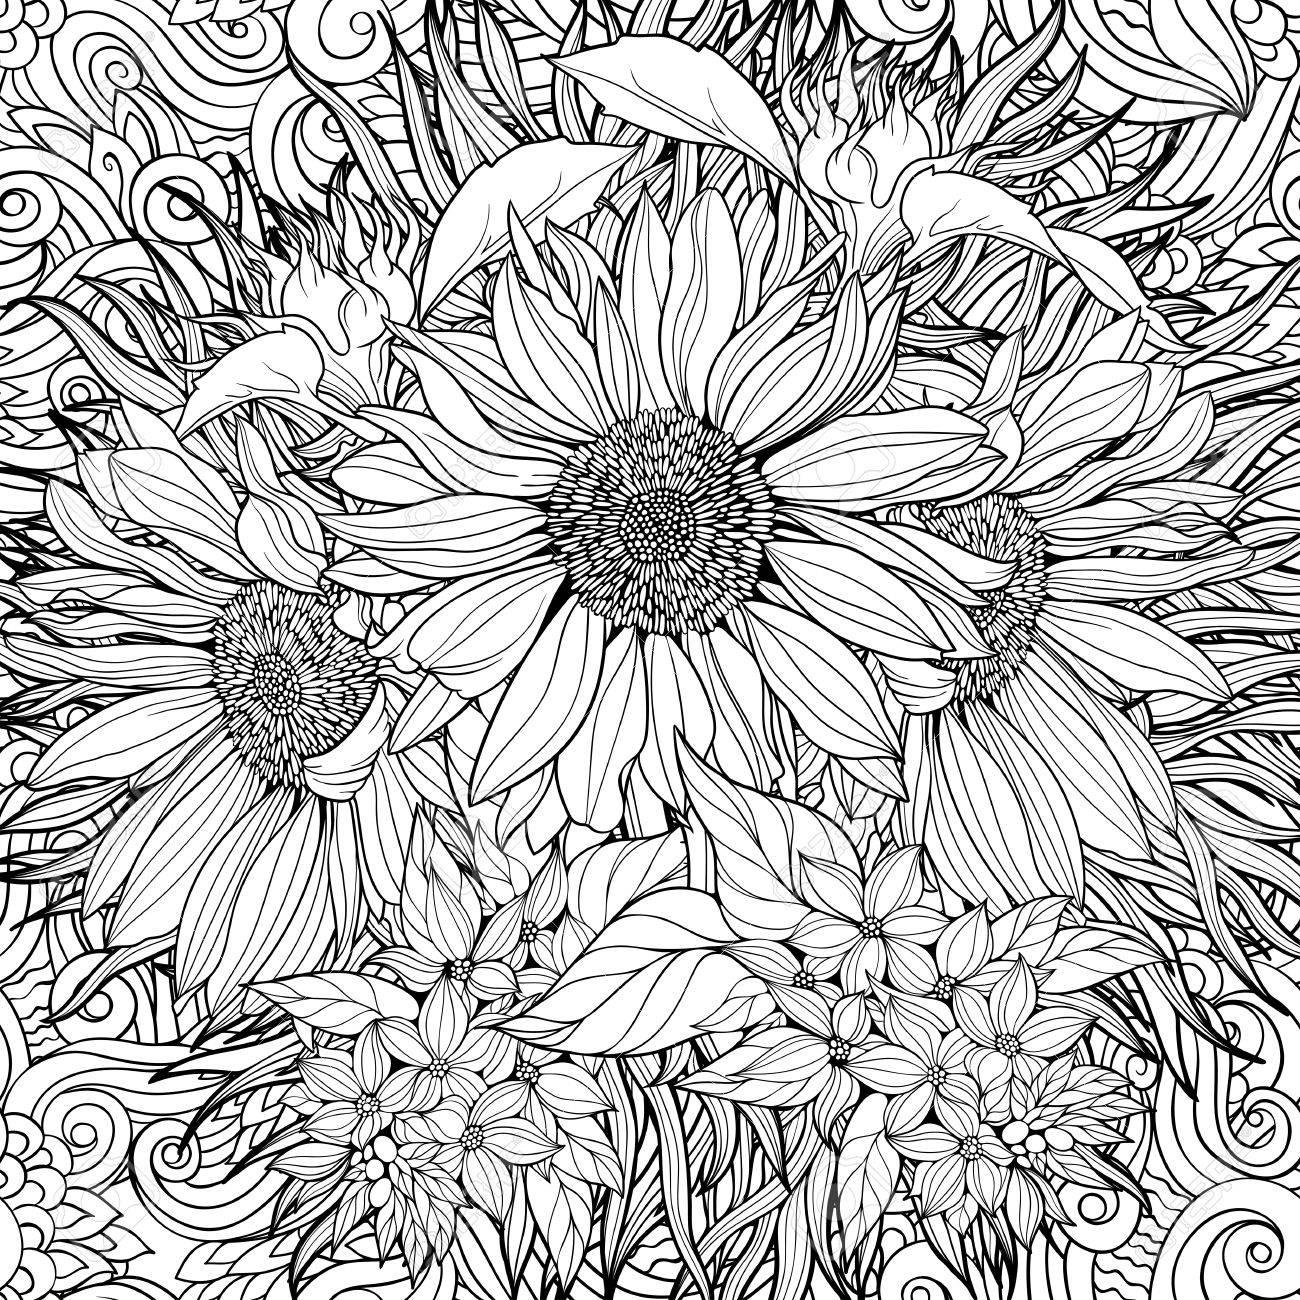 Nahtlose Muster Aus Schwarzen Und Weißen Sonnenblumen. Malvorlage ...